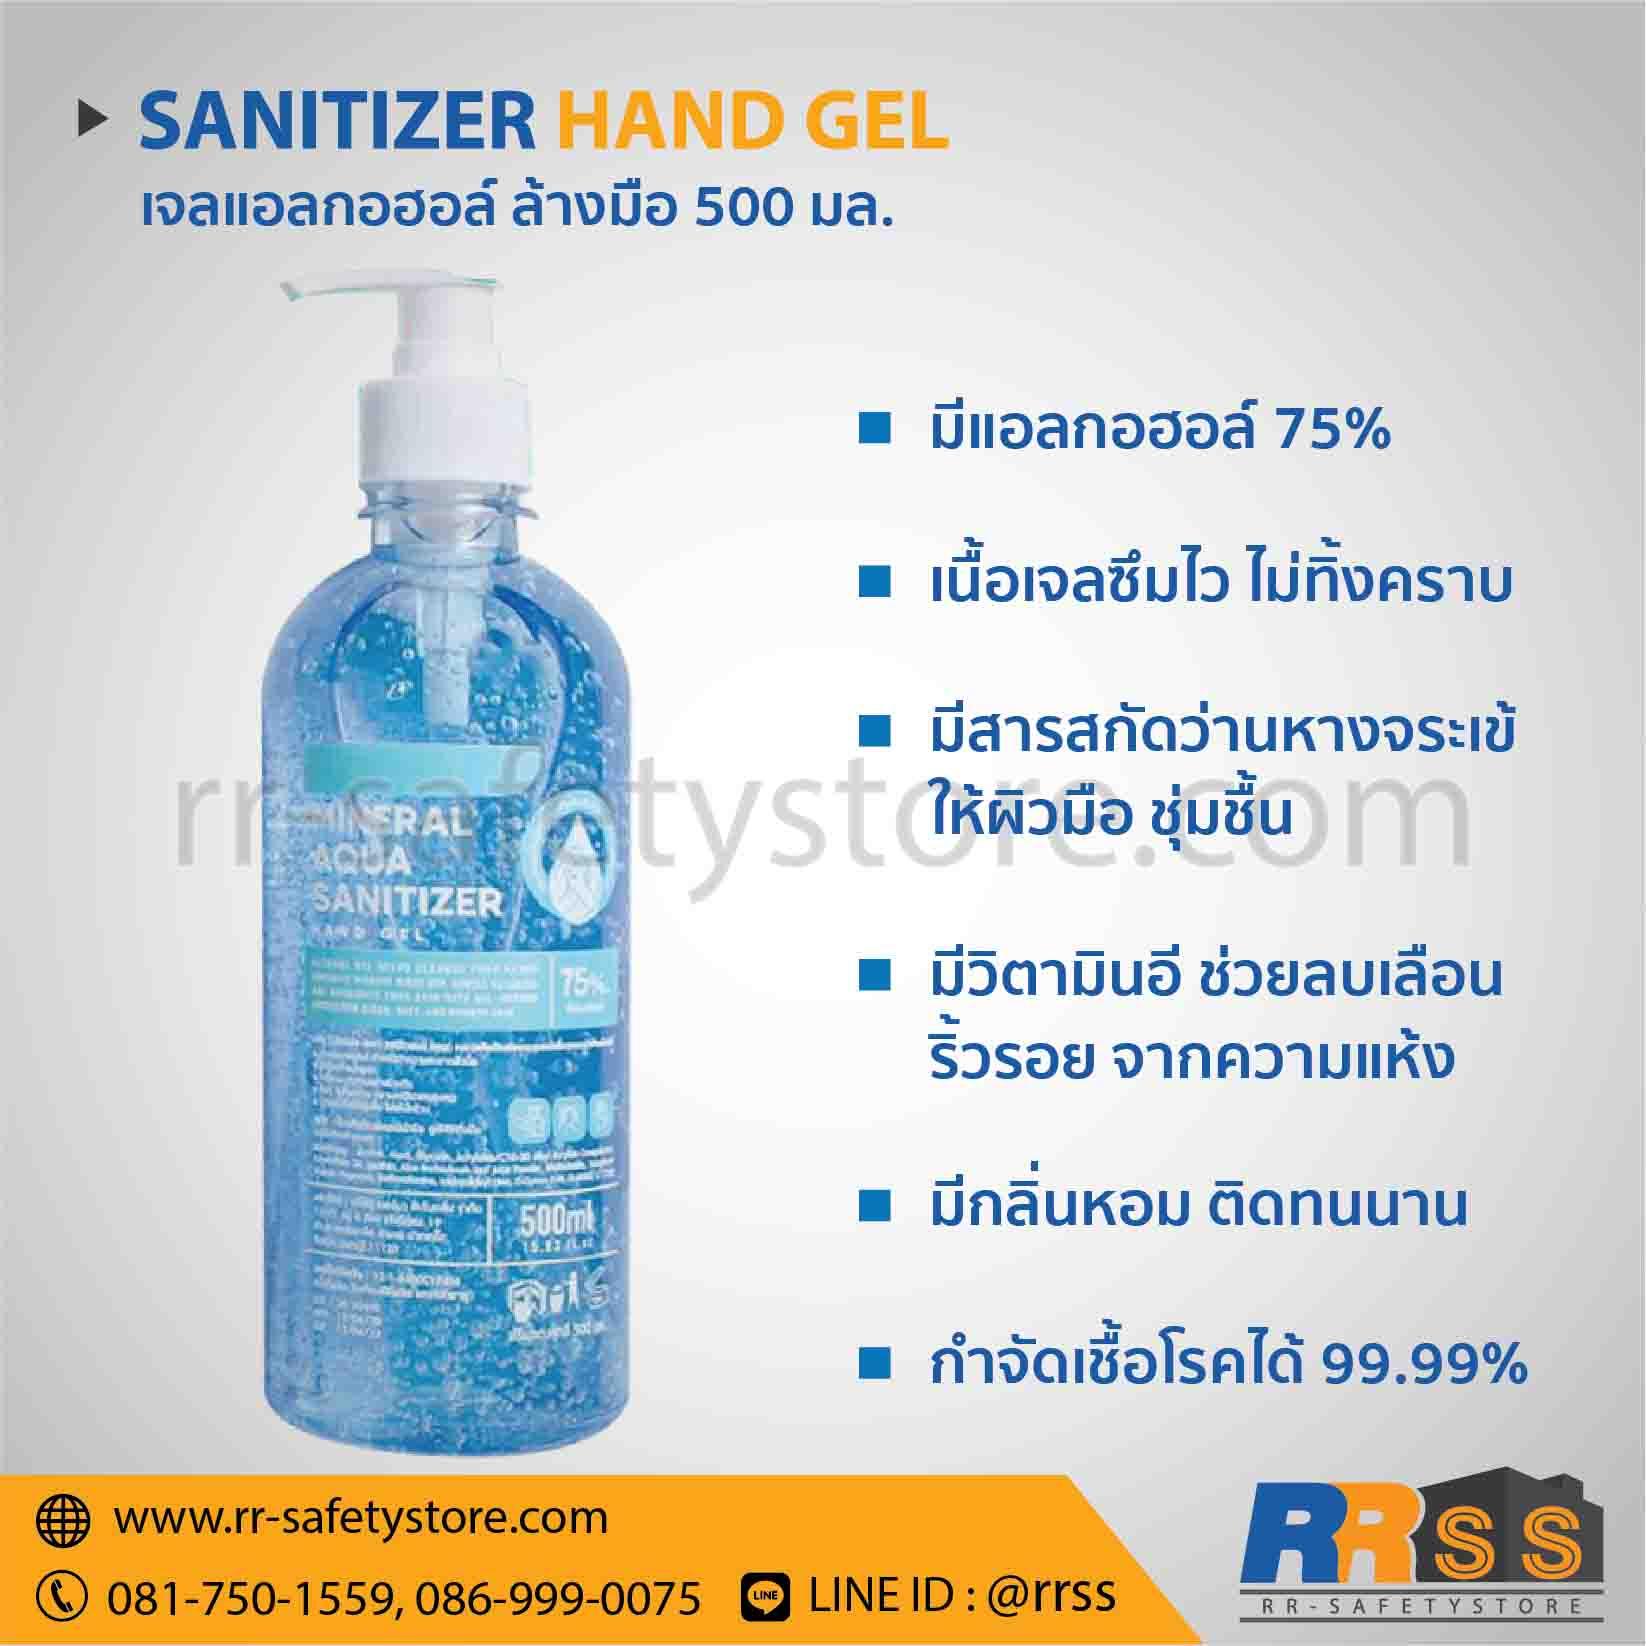 เจล ล้างมือ แอลกอฮอล์ หัวปั๊ม 500 ml.